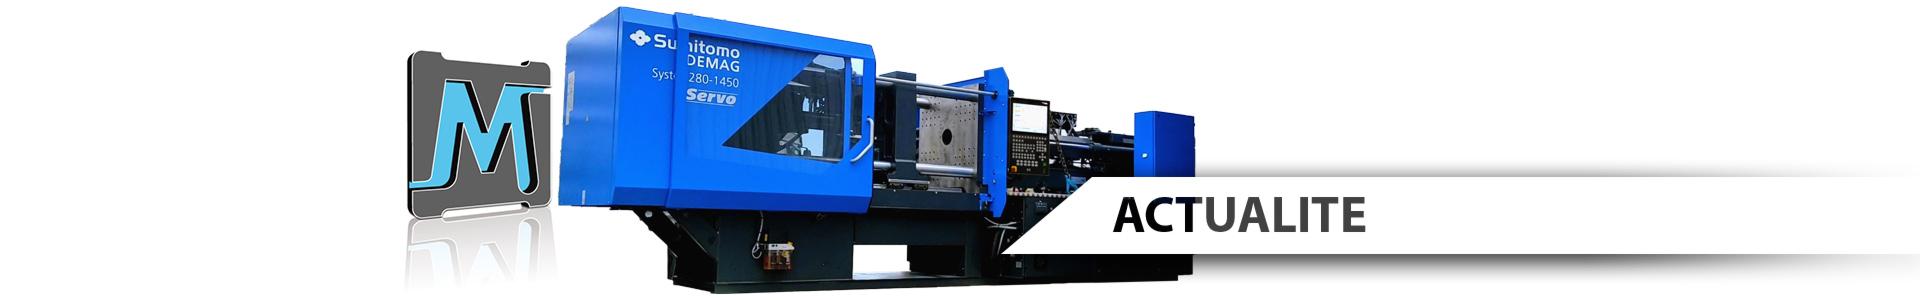 Nouvelle presse Sumitomo-Demag pou rinjection plastique 280 tonnes nouvelle génération arrivée septembre 2021